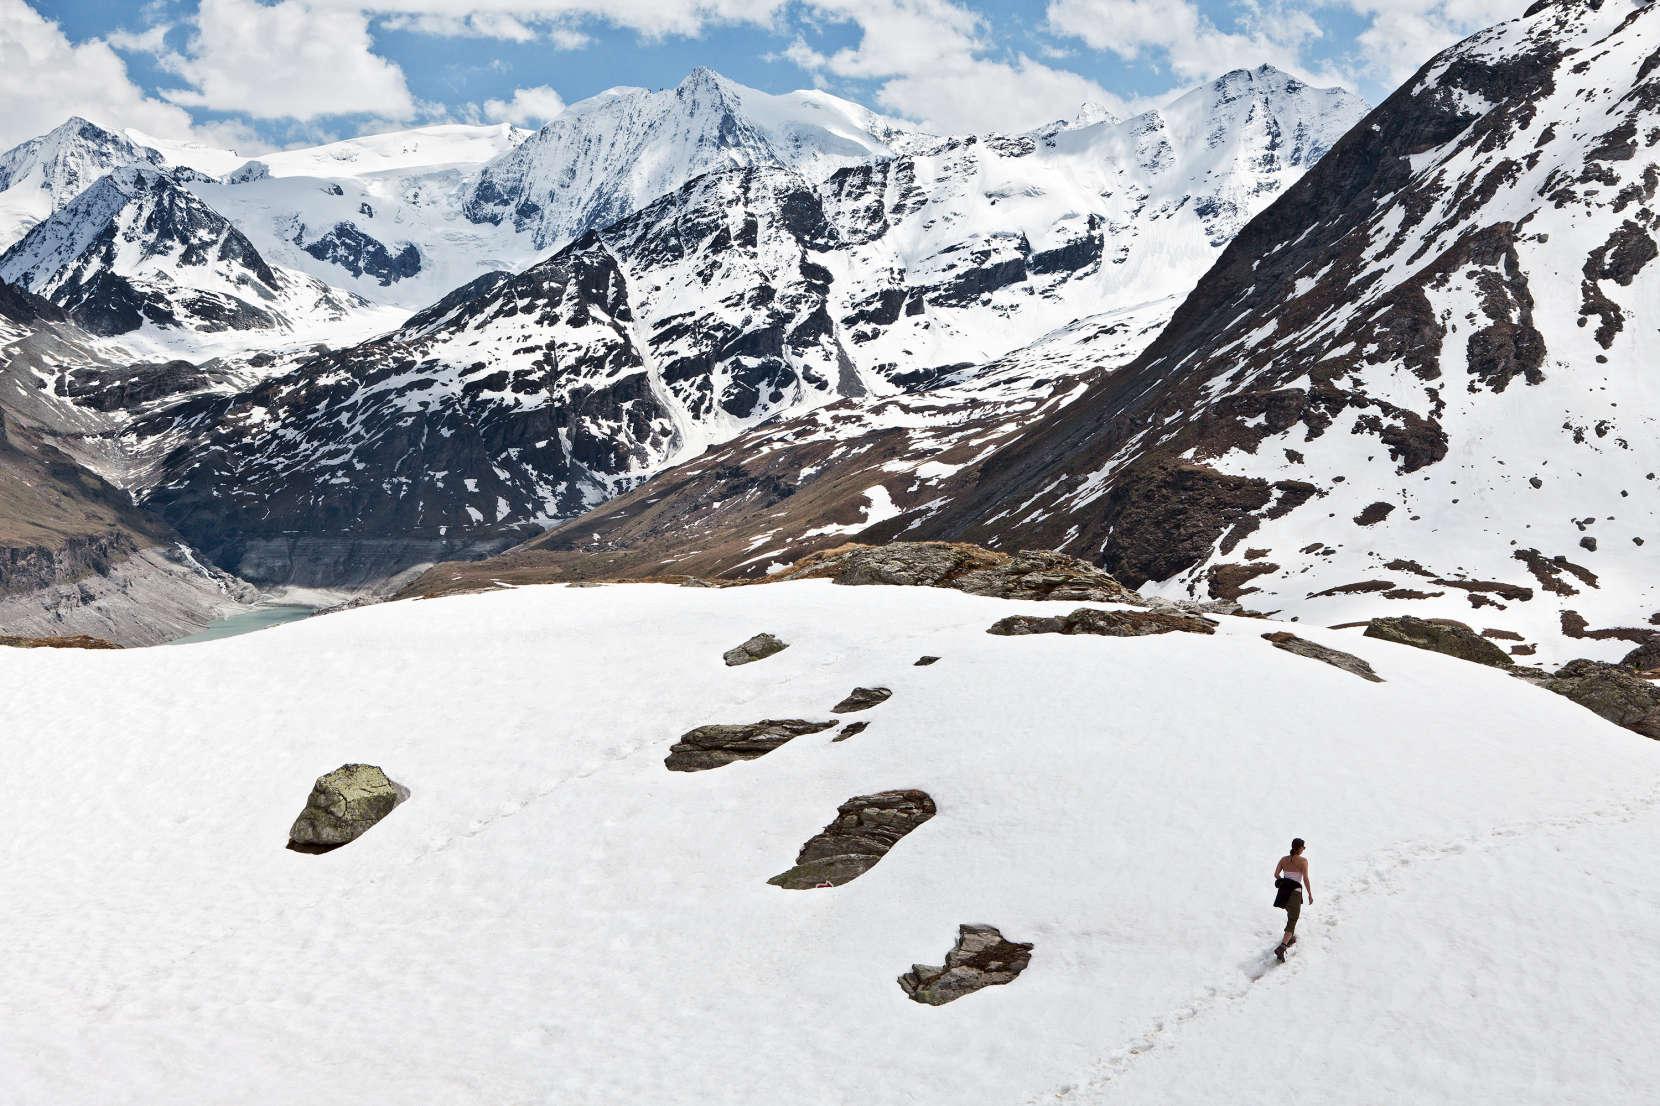 Val des Dix: Lac des Dix; La Cassorte; Pigne d´Arolla; Glacier de Cheilon; Mont Blanc de Cheilon; La Serpentine; La Ruinette; La Luette